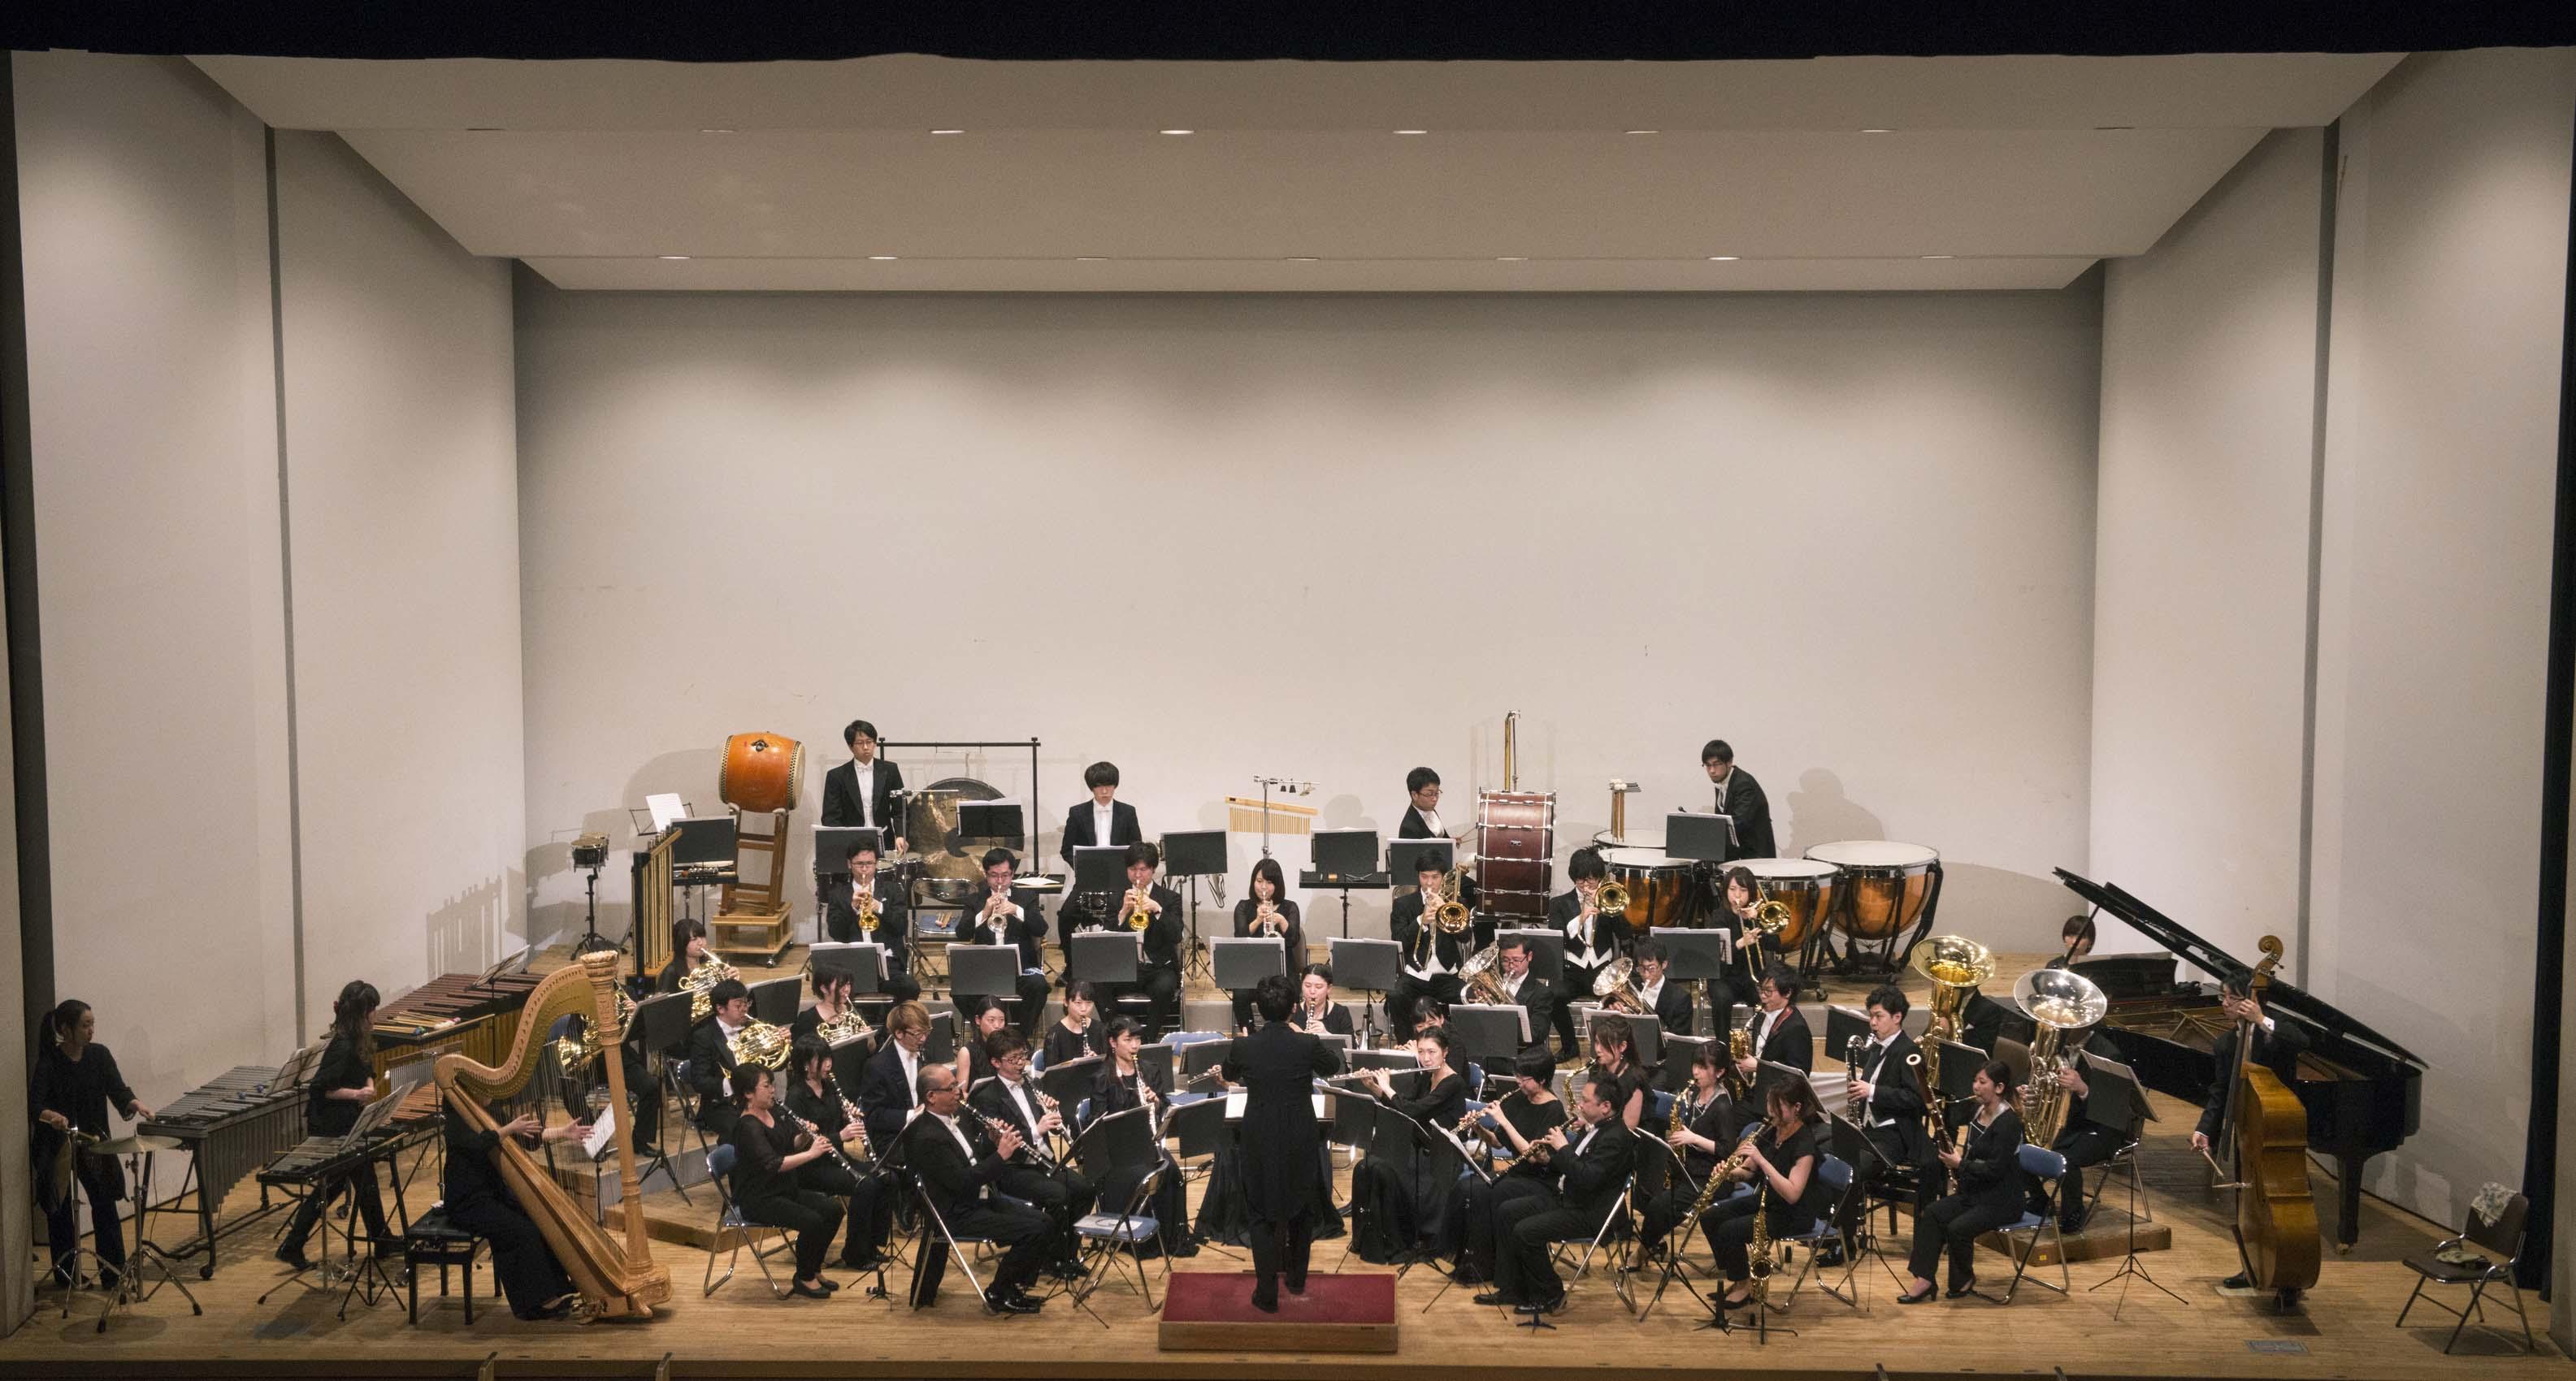 大人による大人のための吹奏楽を高音質で ジャパン ウィンド プレイヤーズ Moraトピックス